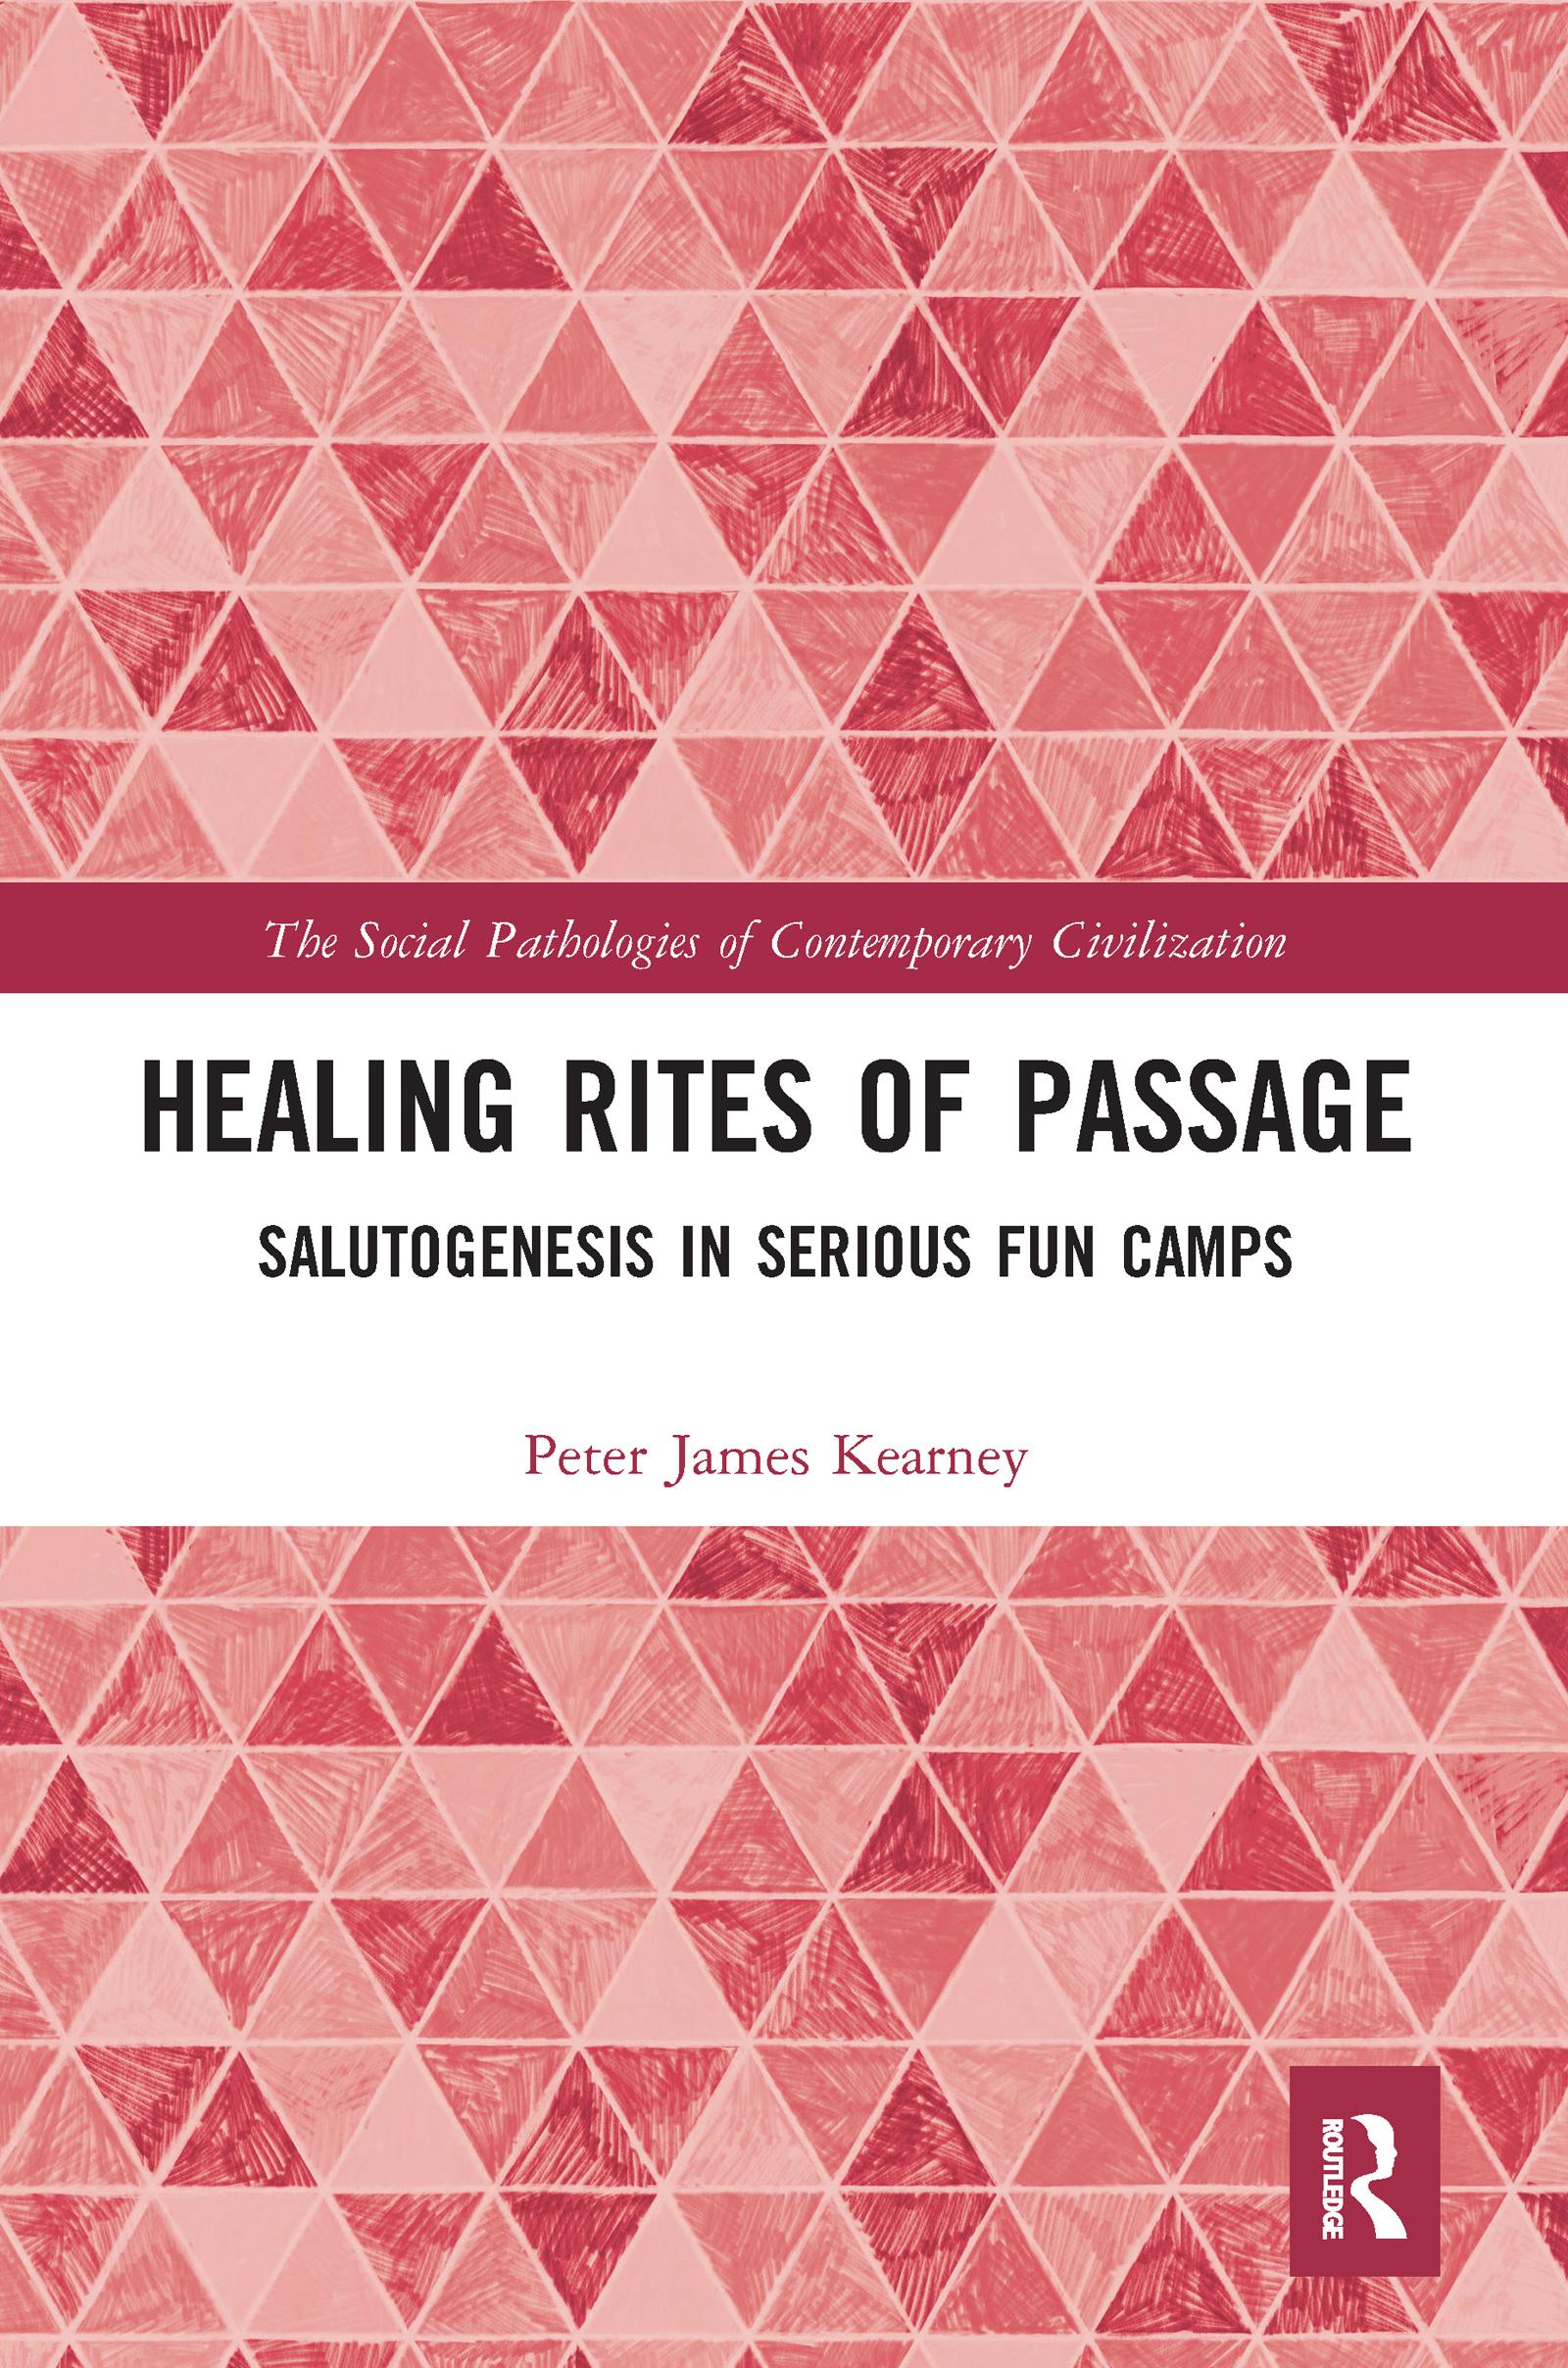 Healing Rites of Passage